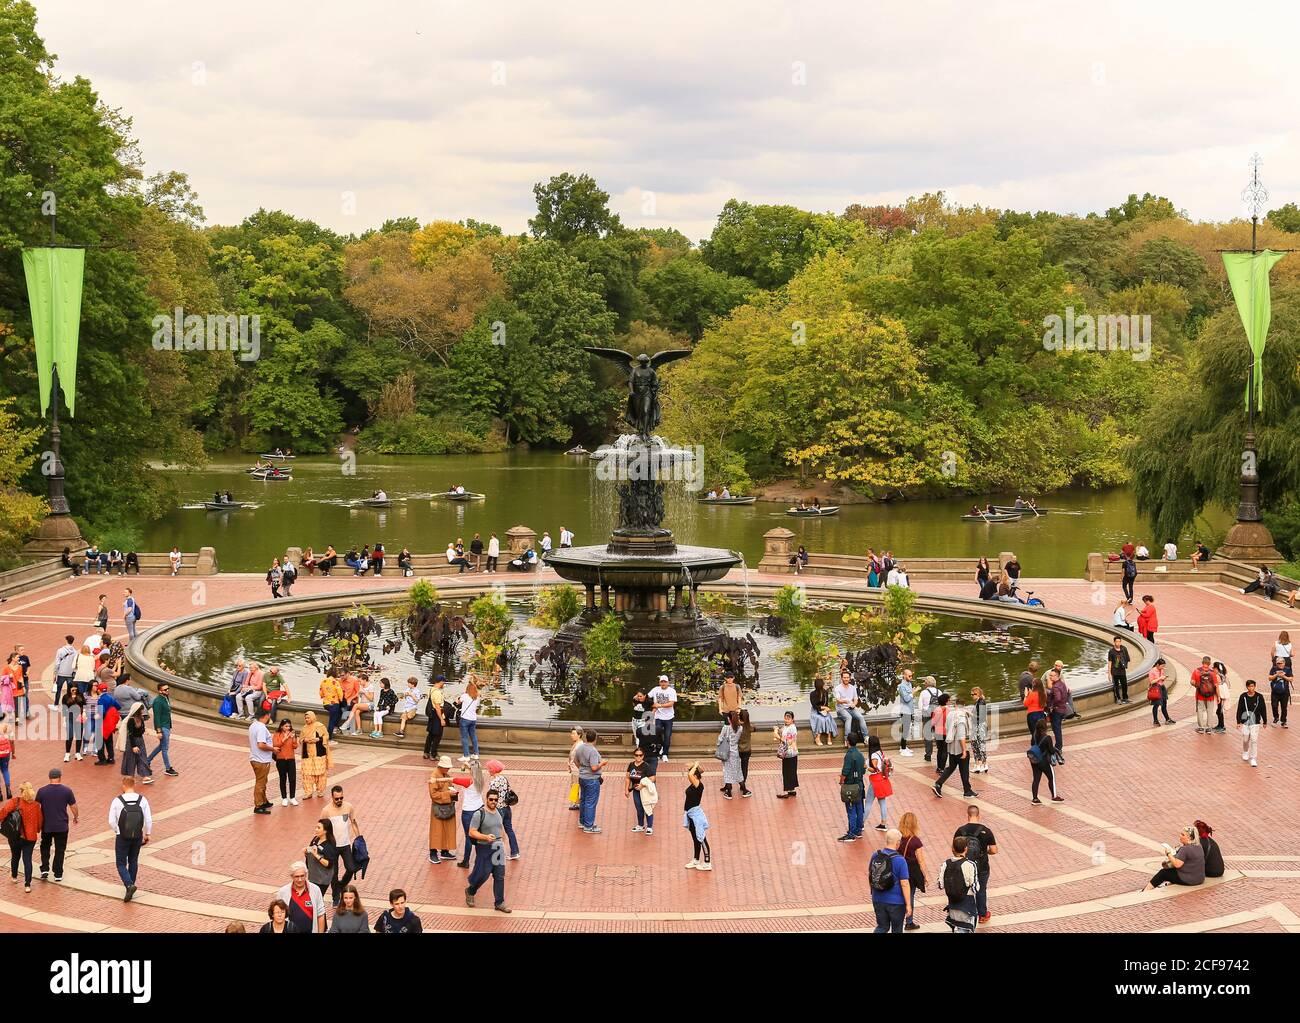 Ciudad de Nueva York, EE.UU. - 7 de octubre de 2019: Muchas personas están alrededor de la fuente Bethesda en la terraza en el Parque Central. Foto de stock